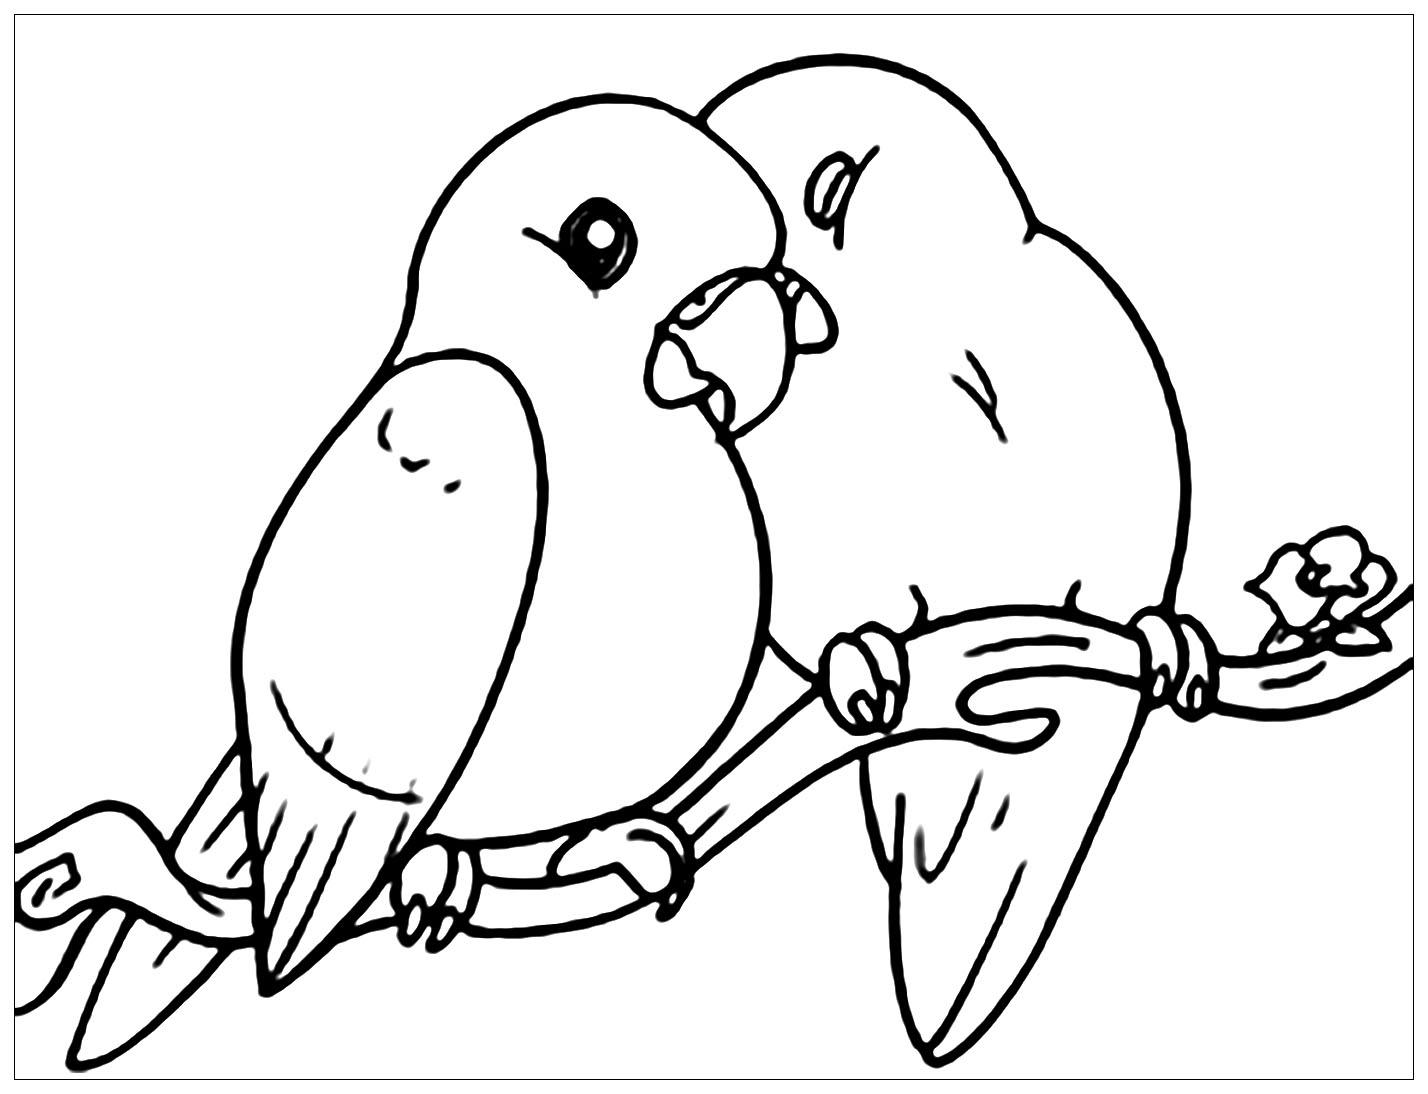 Tranh tô màu hai con chim